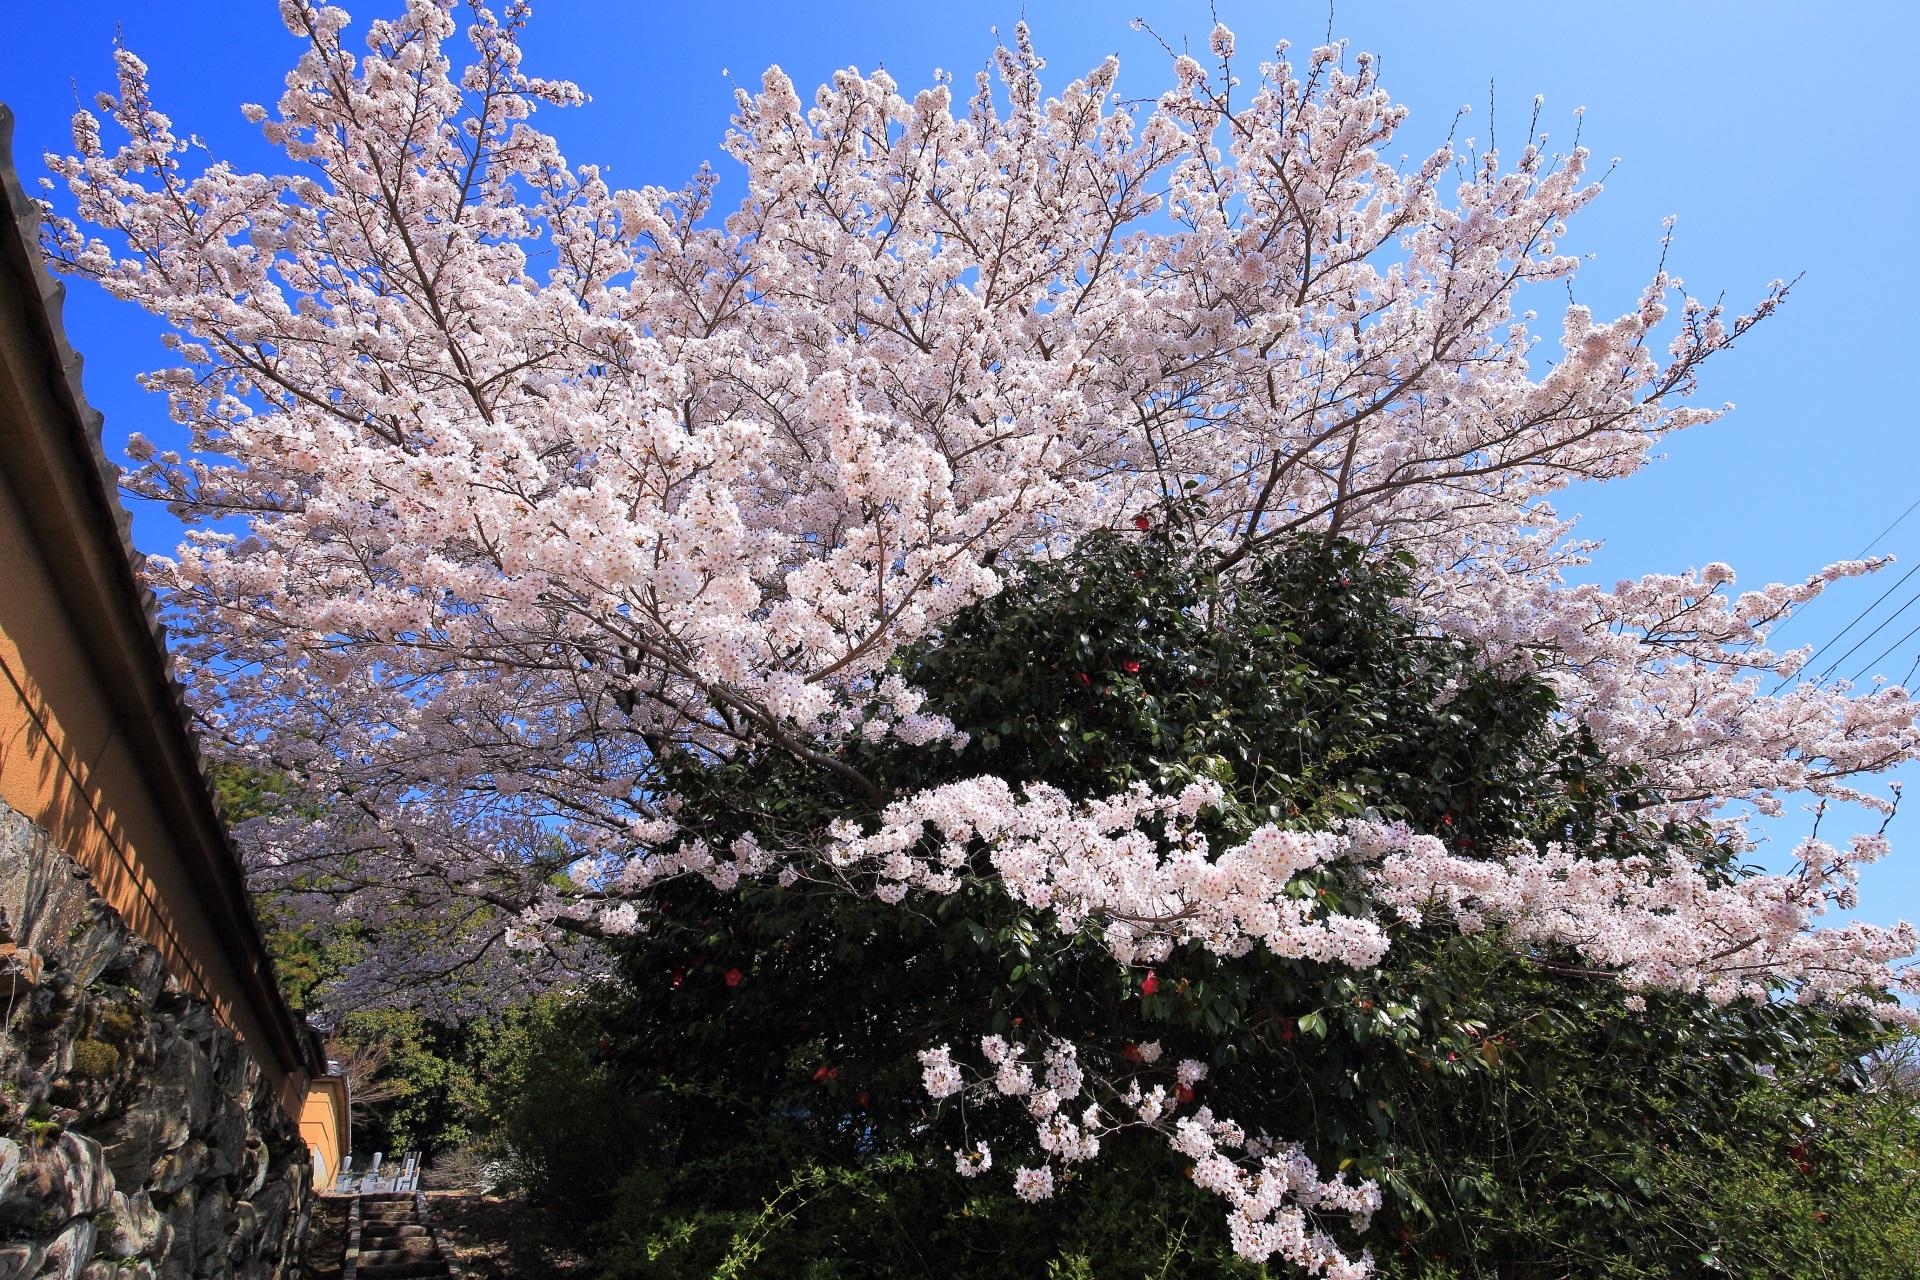 願徳寺の素晴らしい桜と春の情景